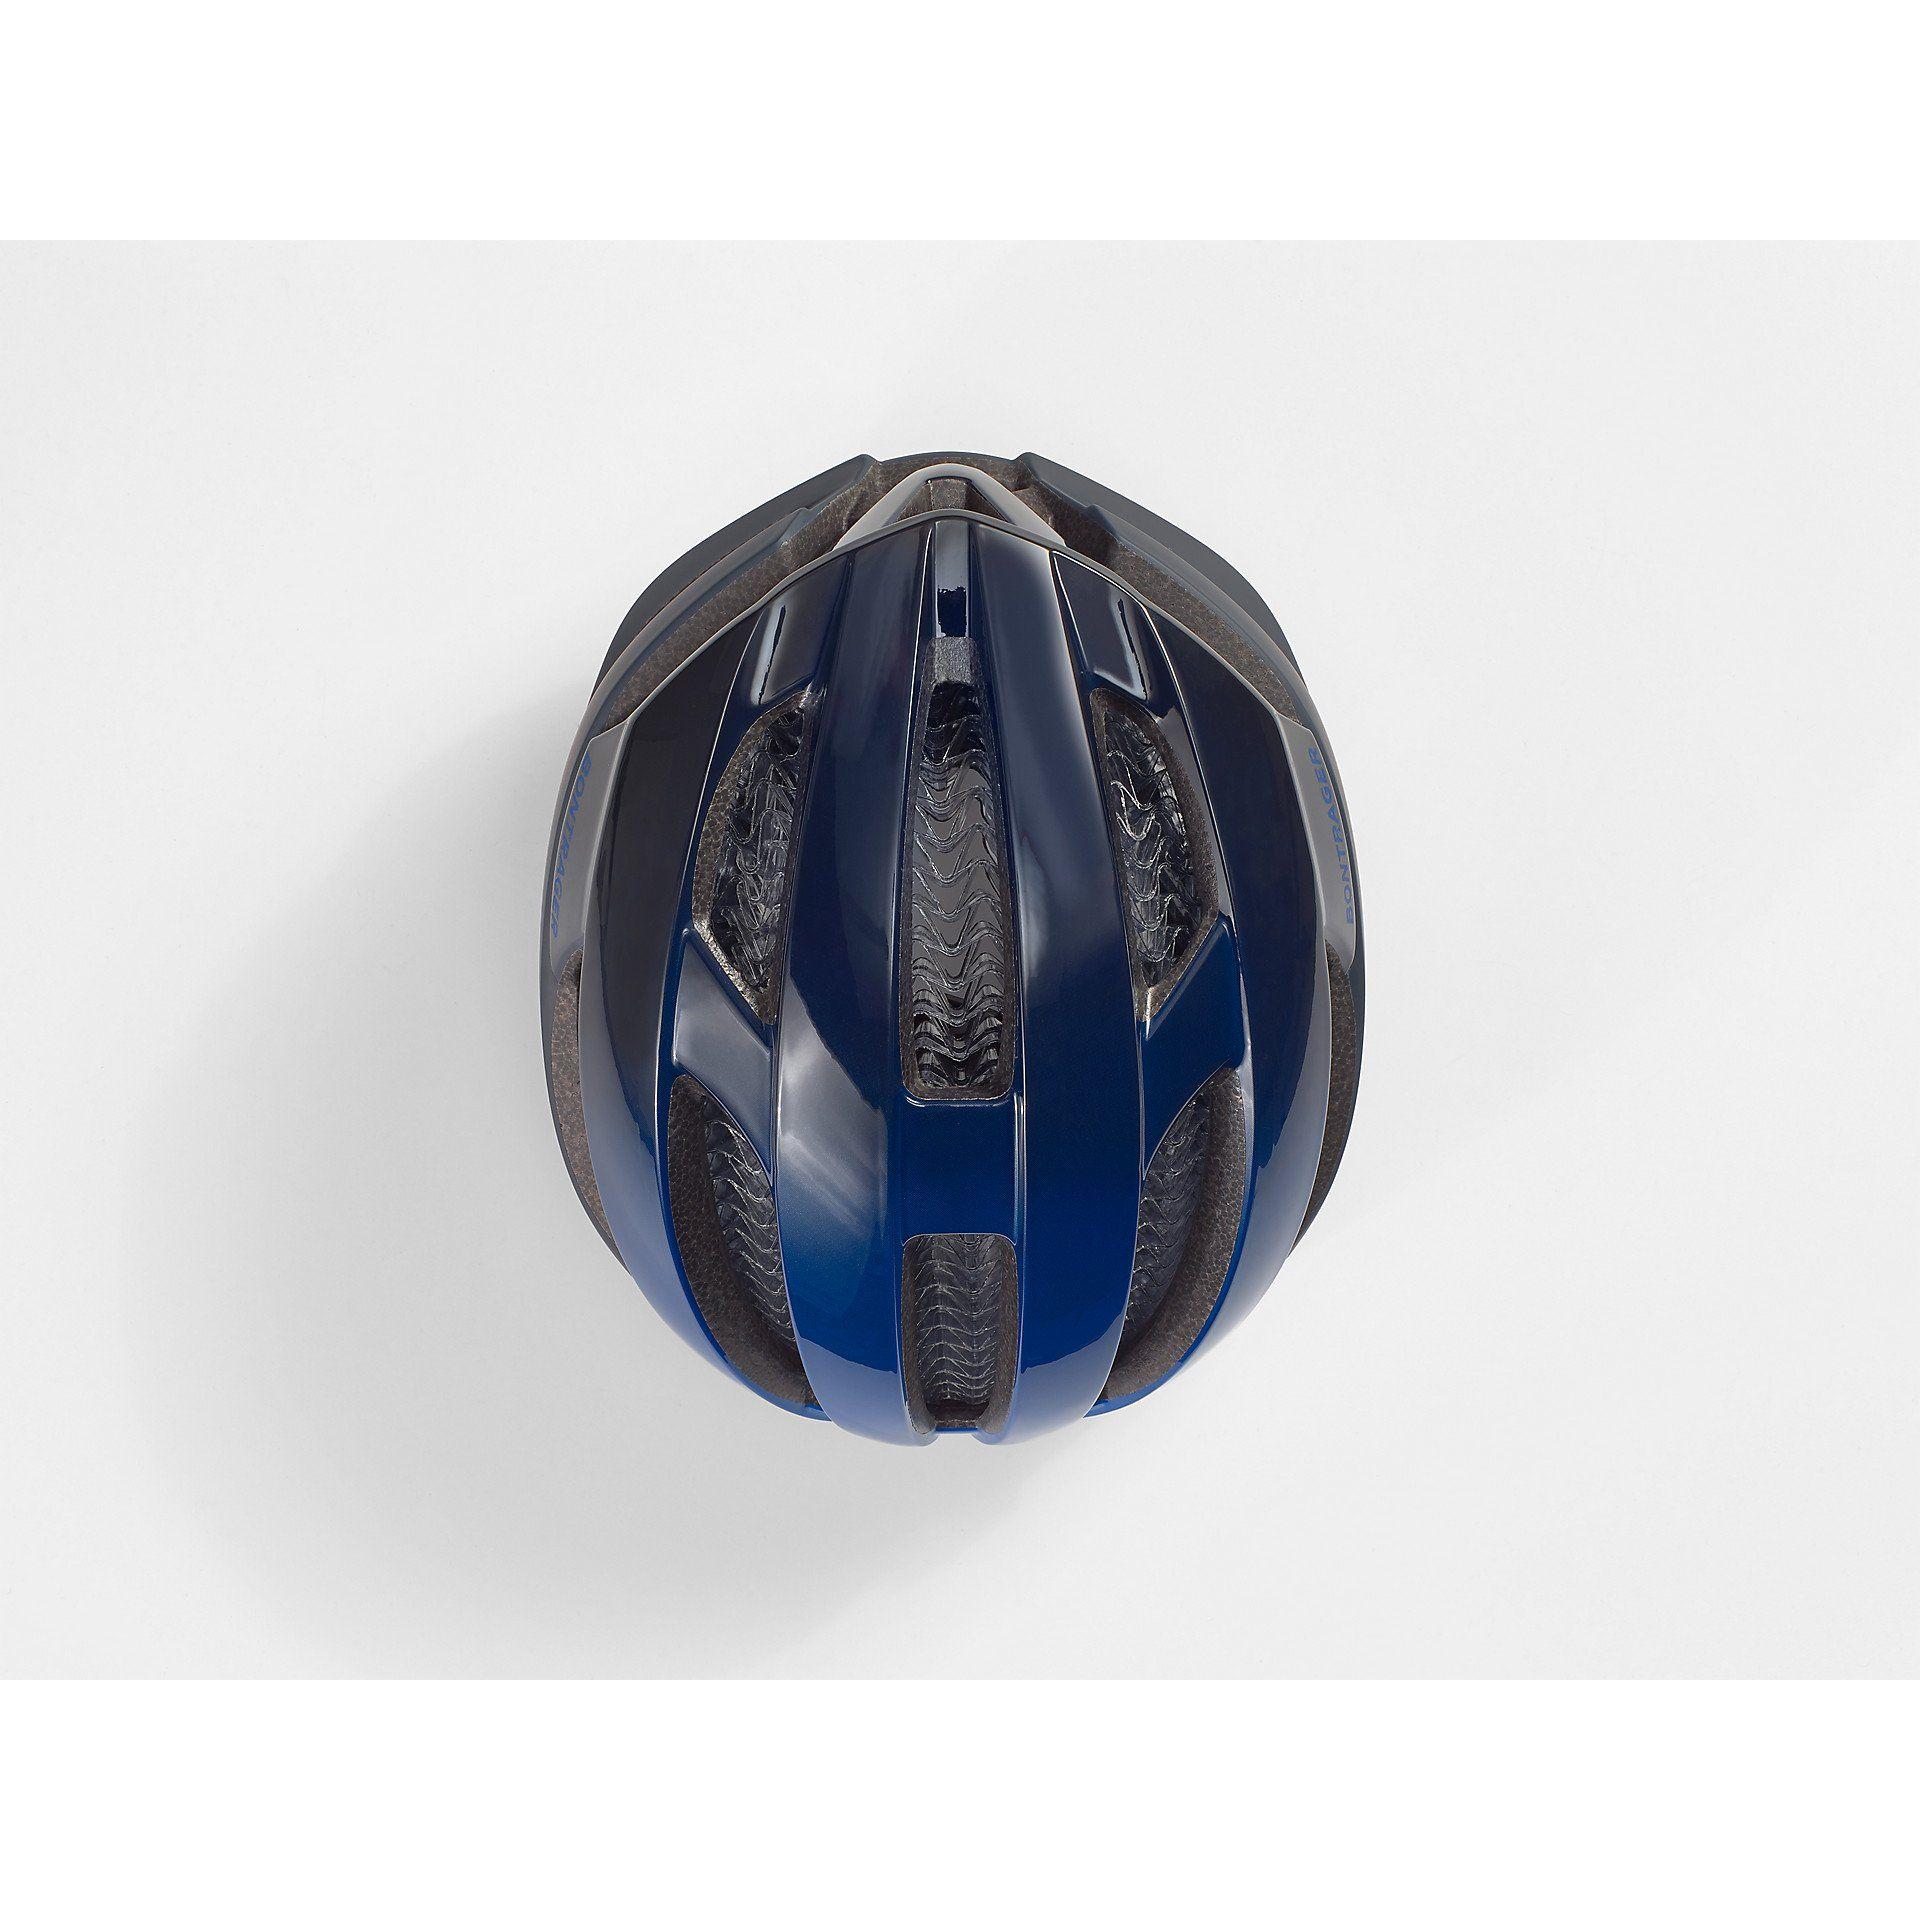 KASK ROWEROWY BONTRAGER SPECTER WAVECEL BLUE|BLUE DARK Z GÓRY